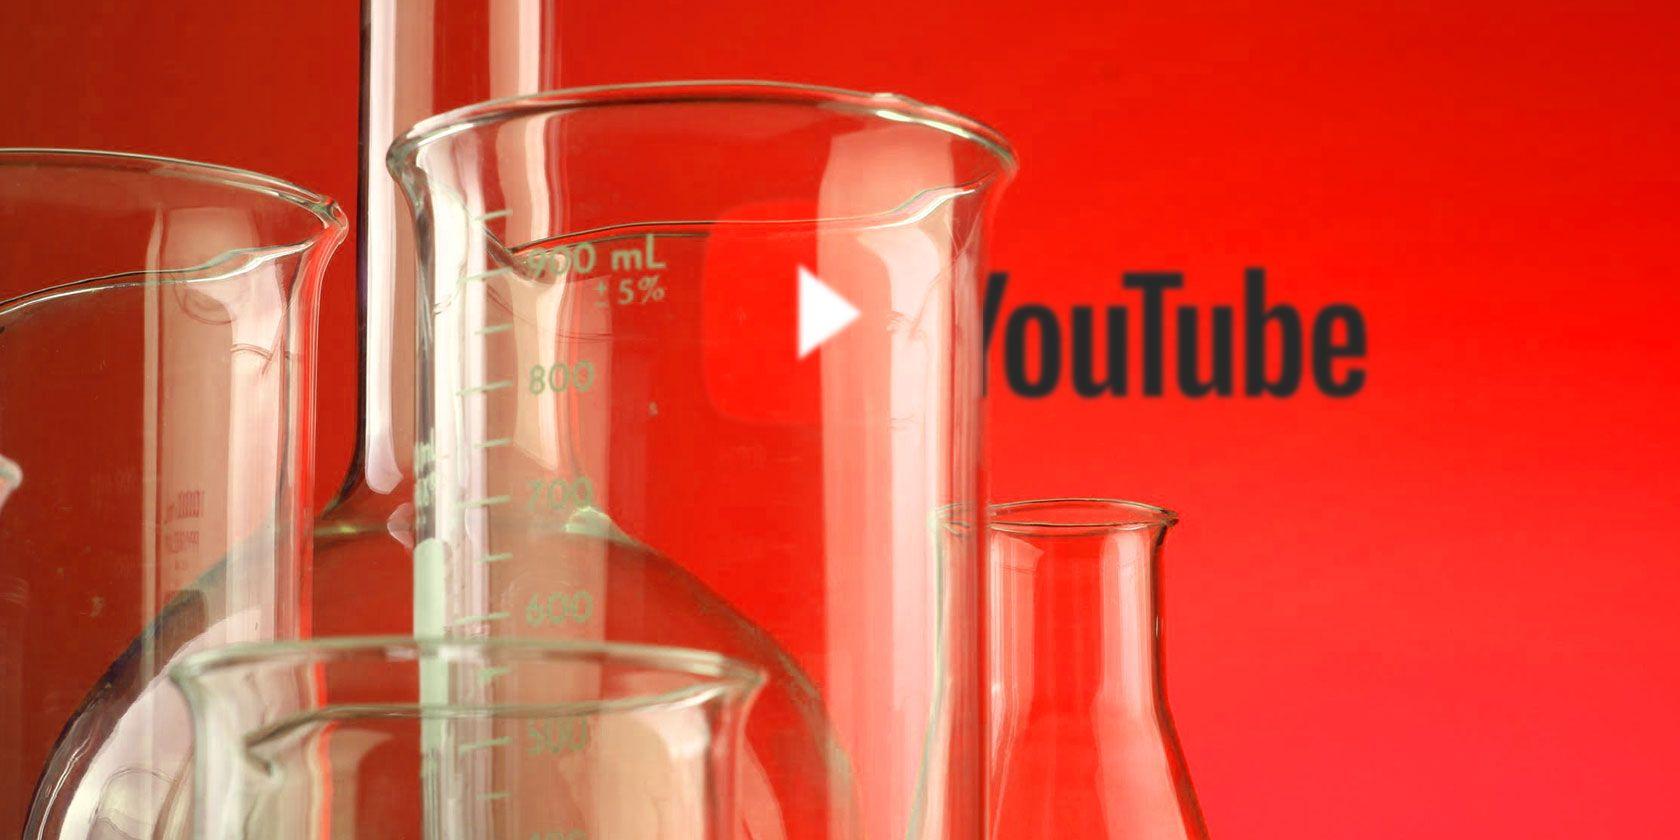 youtube-wacky-experiments